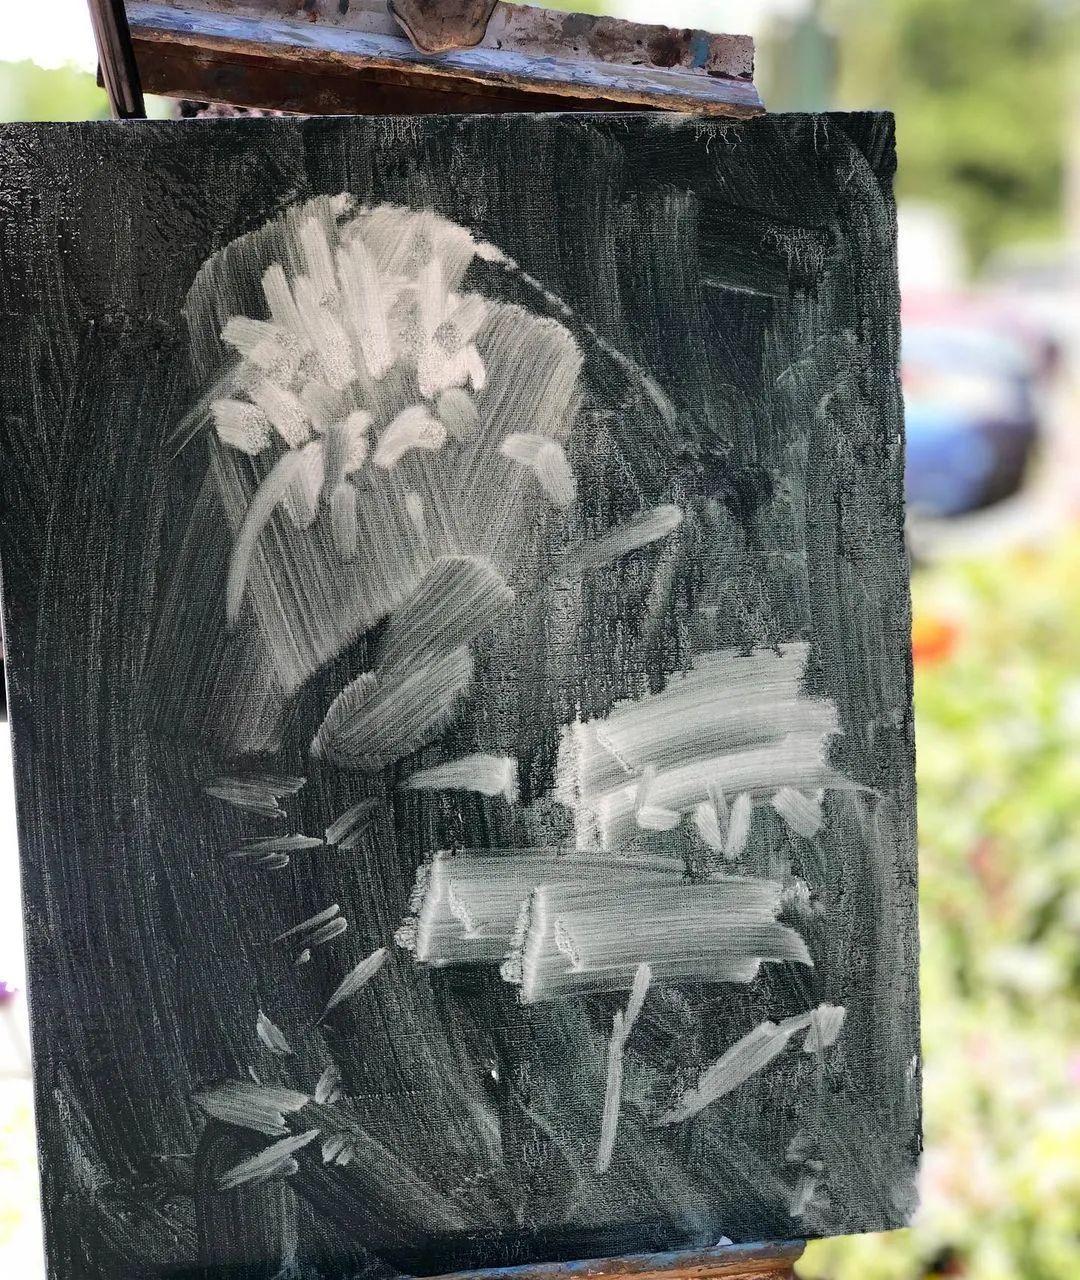 好美的风景与花卉,深入自然才能画出最美的画面!插图61